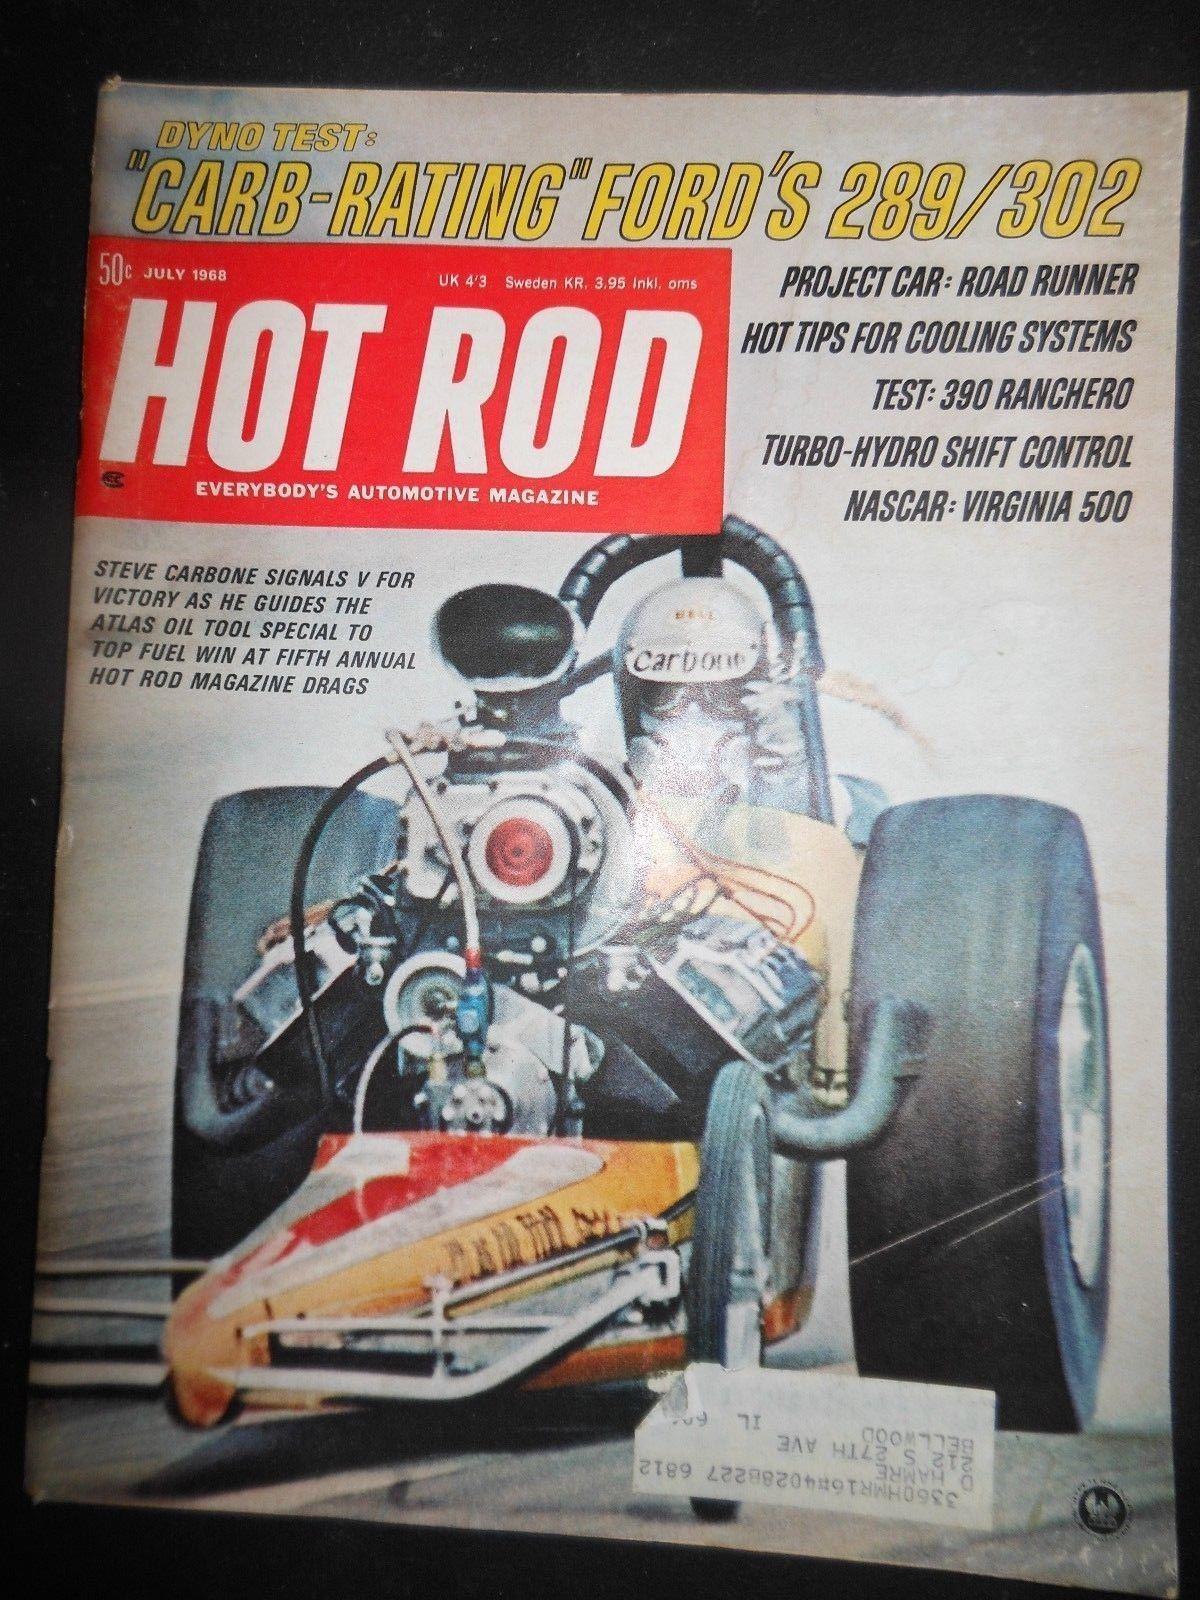 Hot Rod July 1968 Ford 289 302 Road Runner 390 Ranchero Nascar